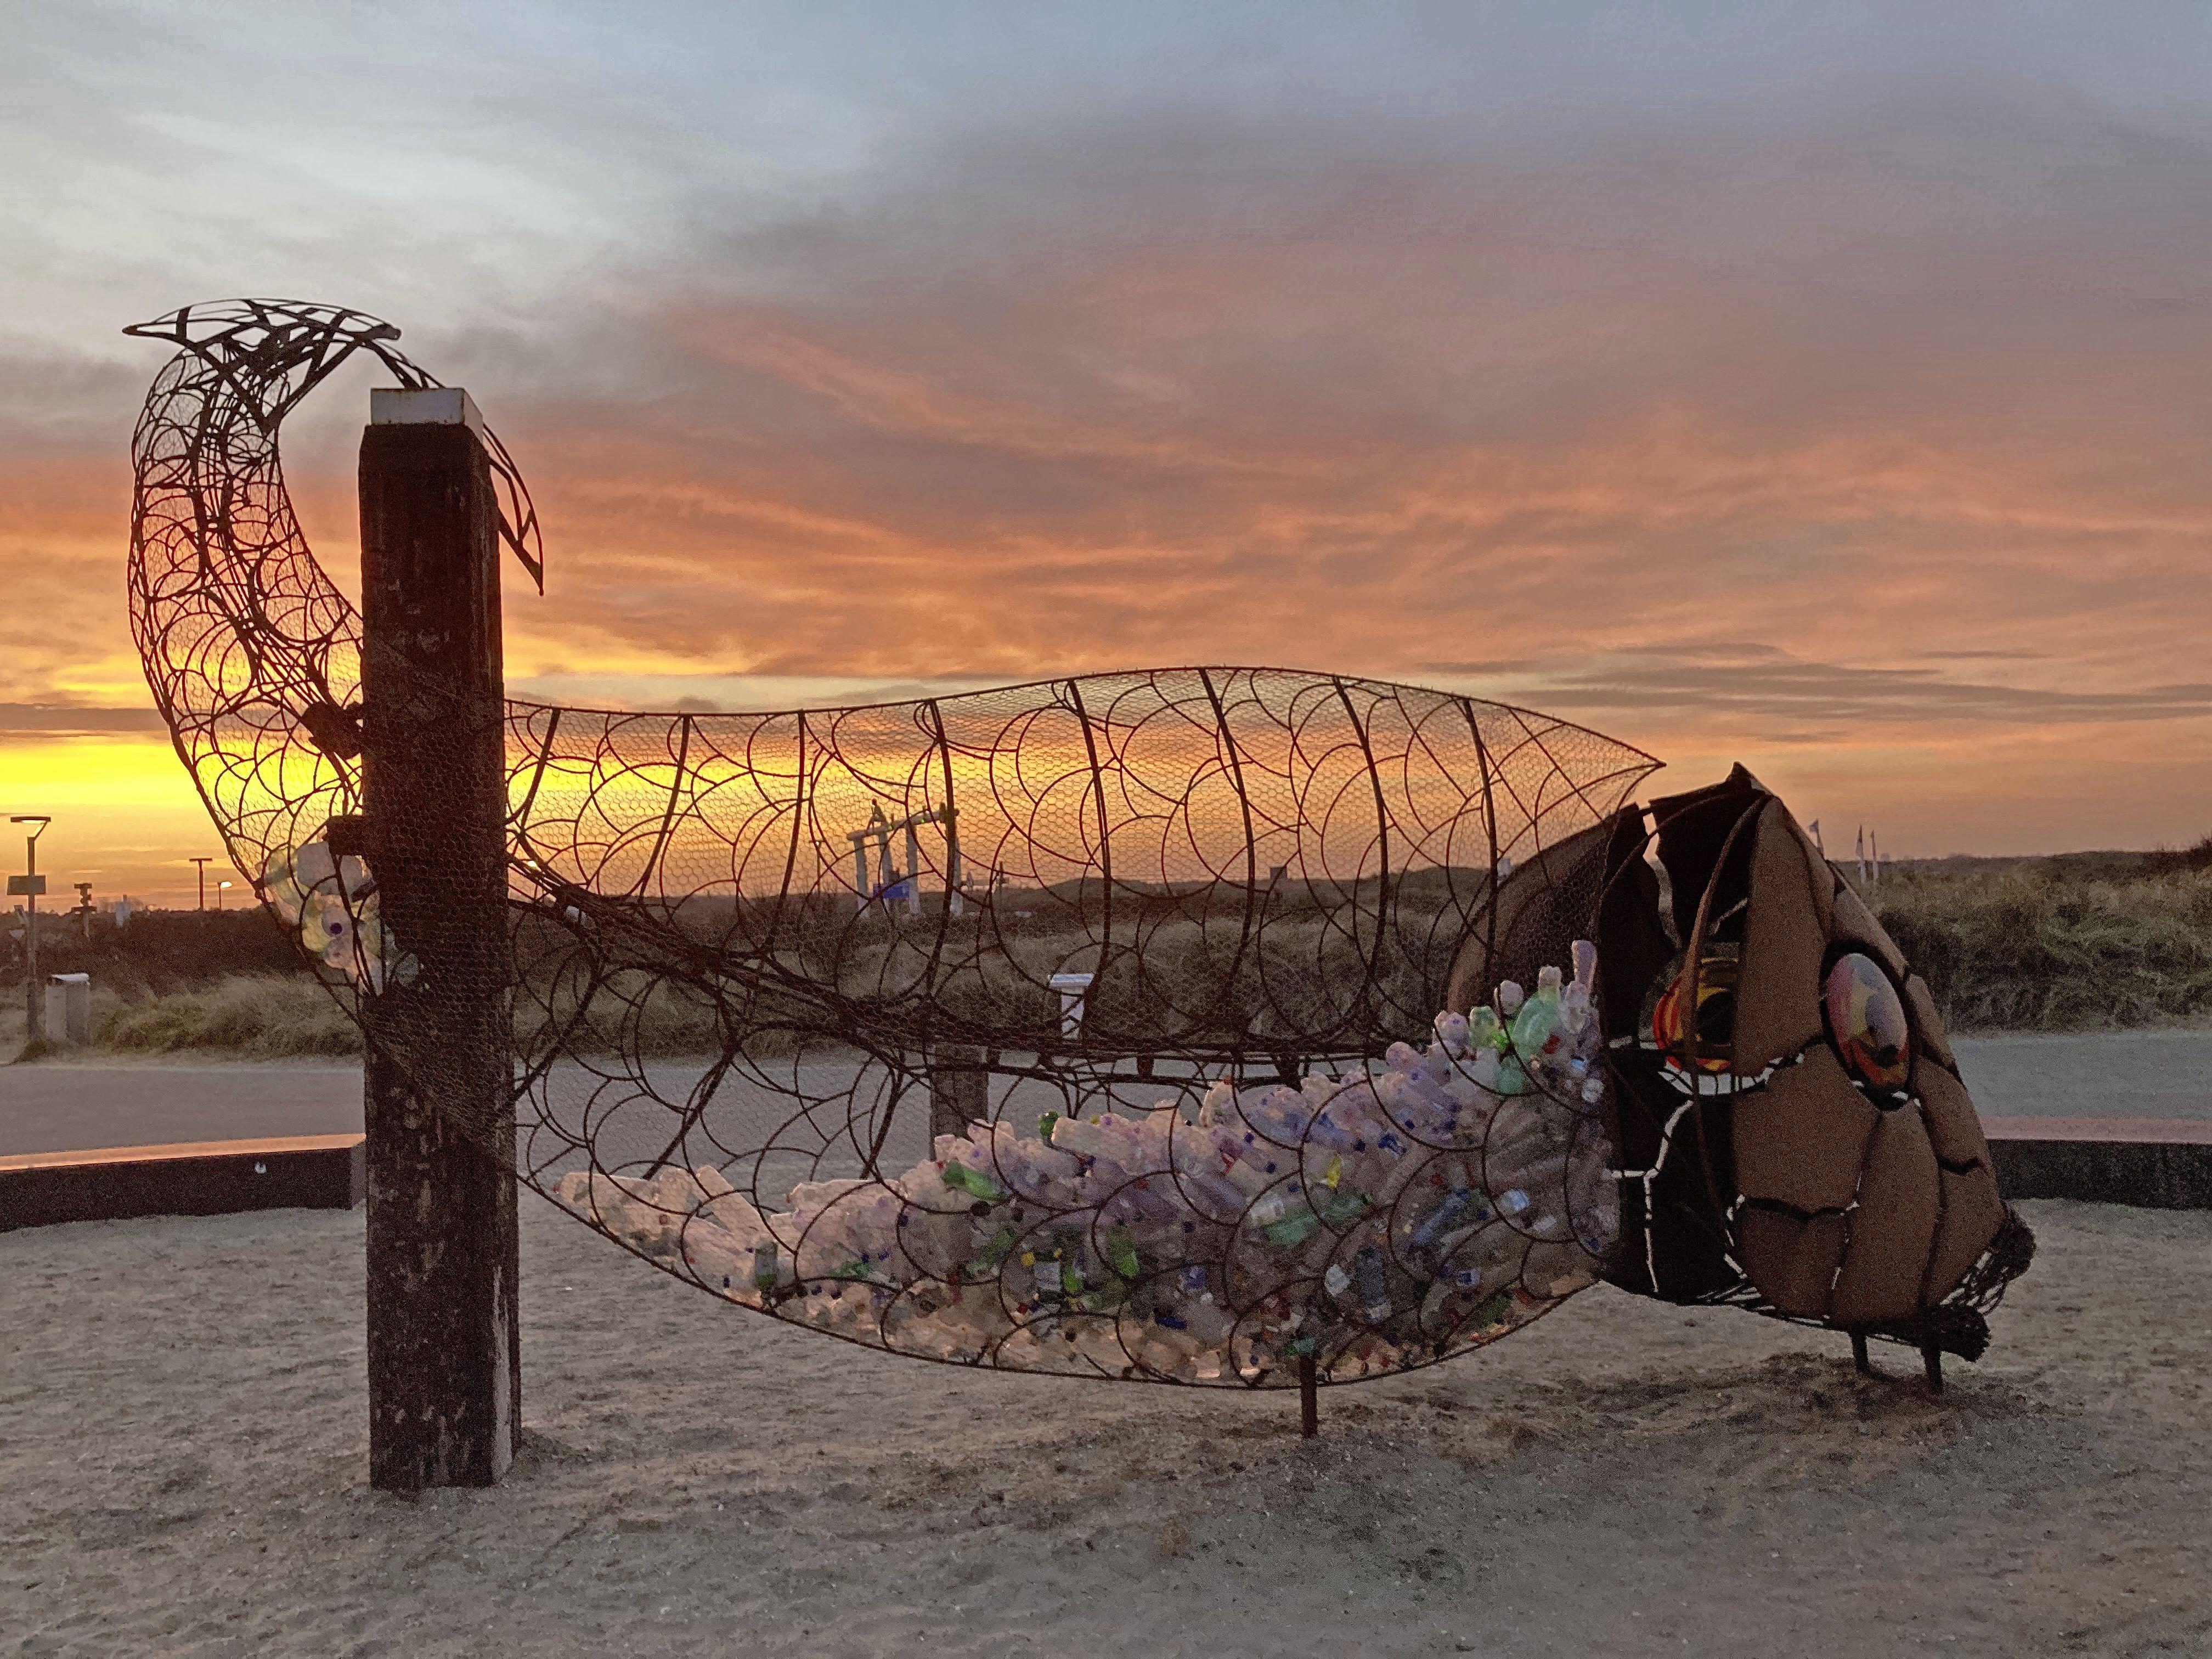 Reizend kunstwerk CatchFish verhuist van Castricum naar IJmuiden: 'Hij heeft zijn buik vol van plastic soep'